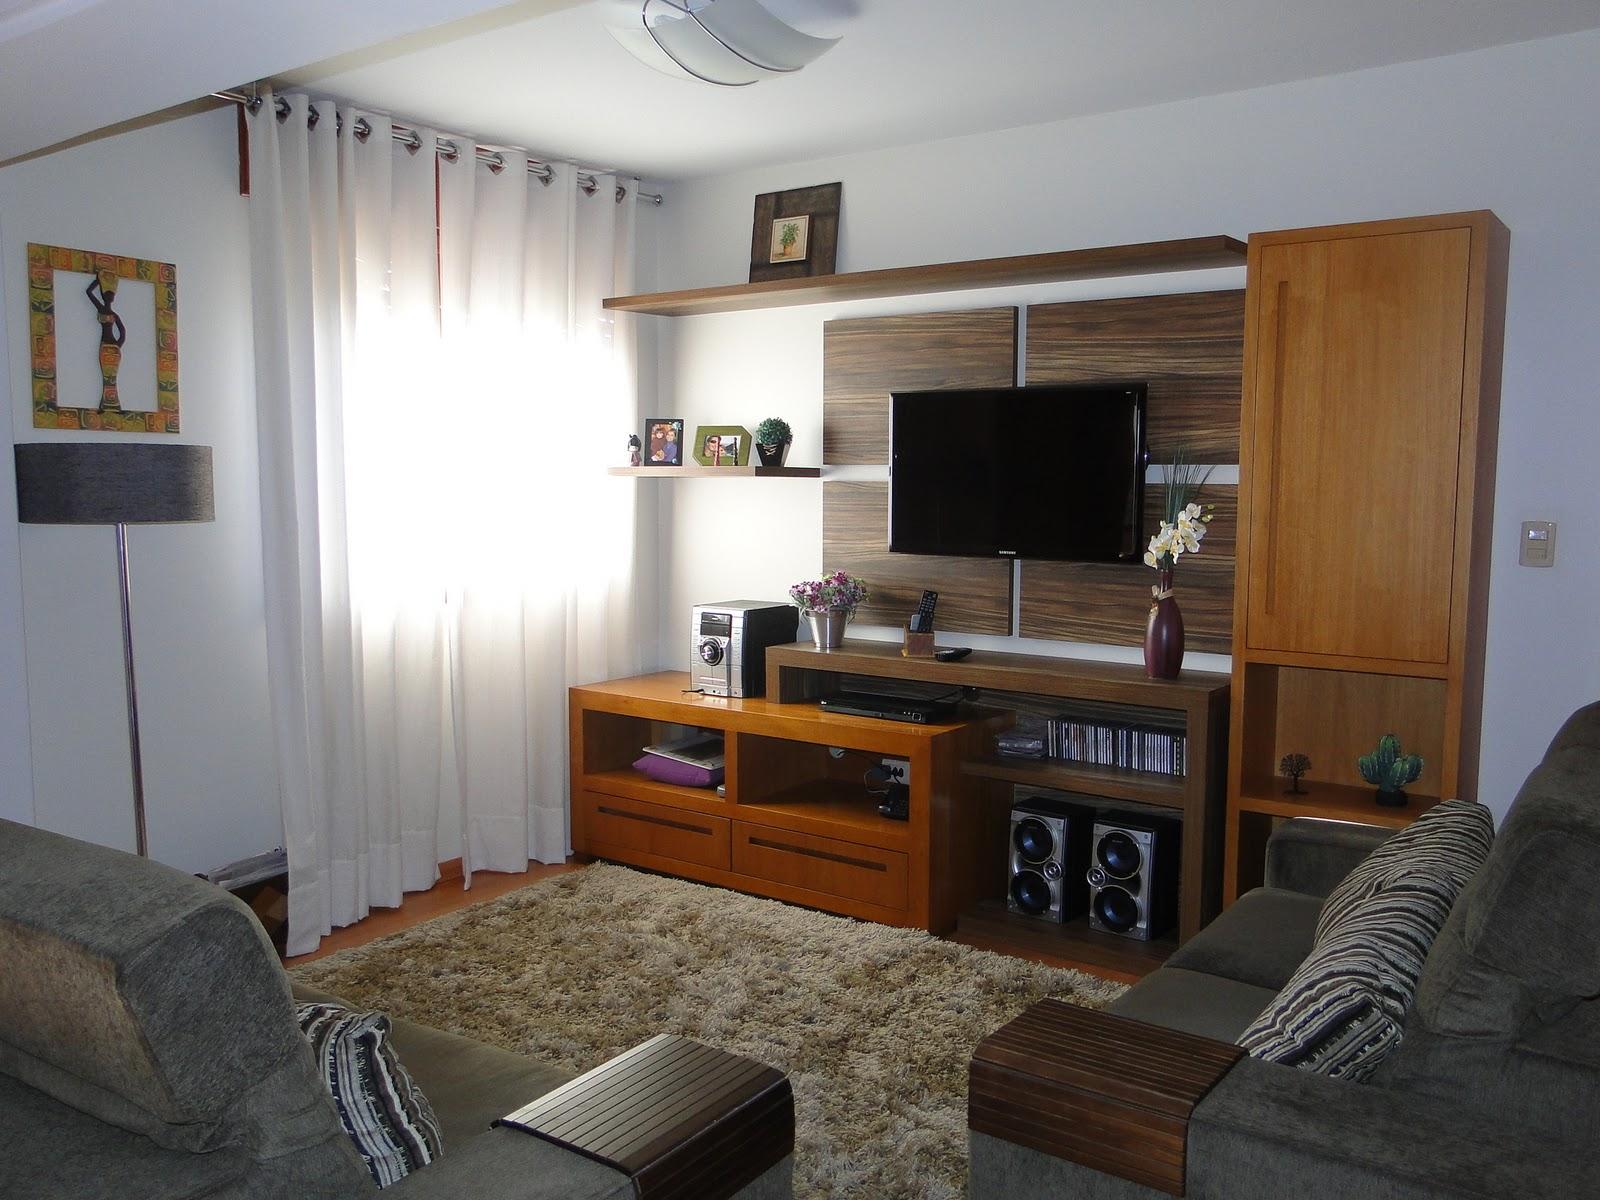 Sala De Adega Pequena Adega De Madeira Pequena With Adega De  -> Sala Pequena Com Barzinho